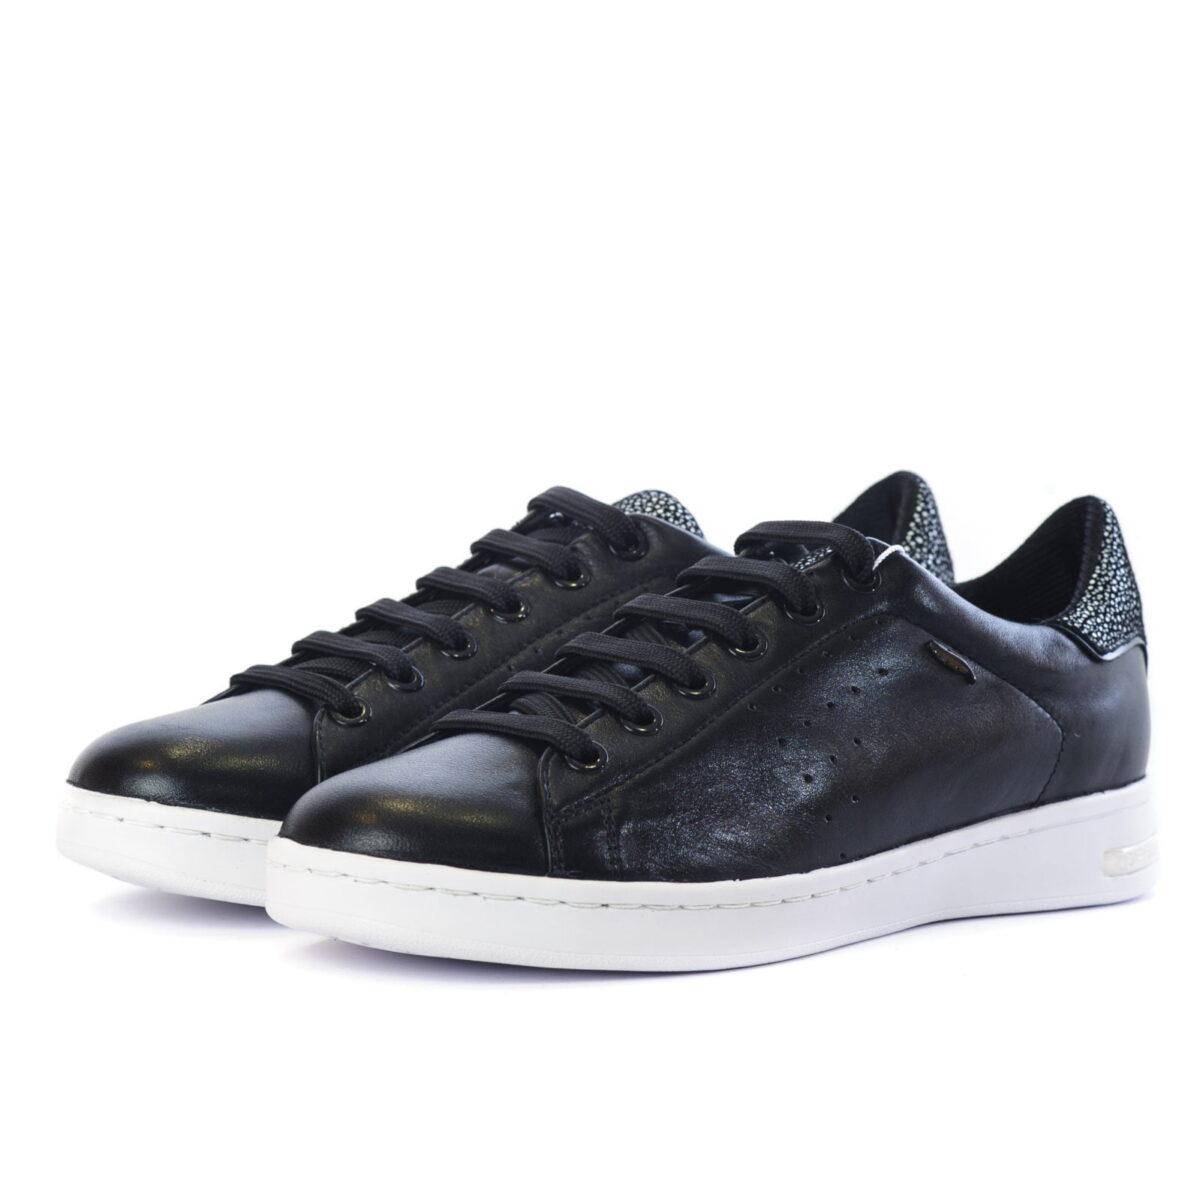 Casual Sneakers Γυναικείο Street Sneaker με Διακριτικό Πουά